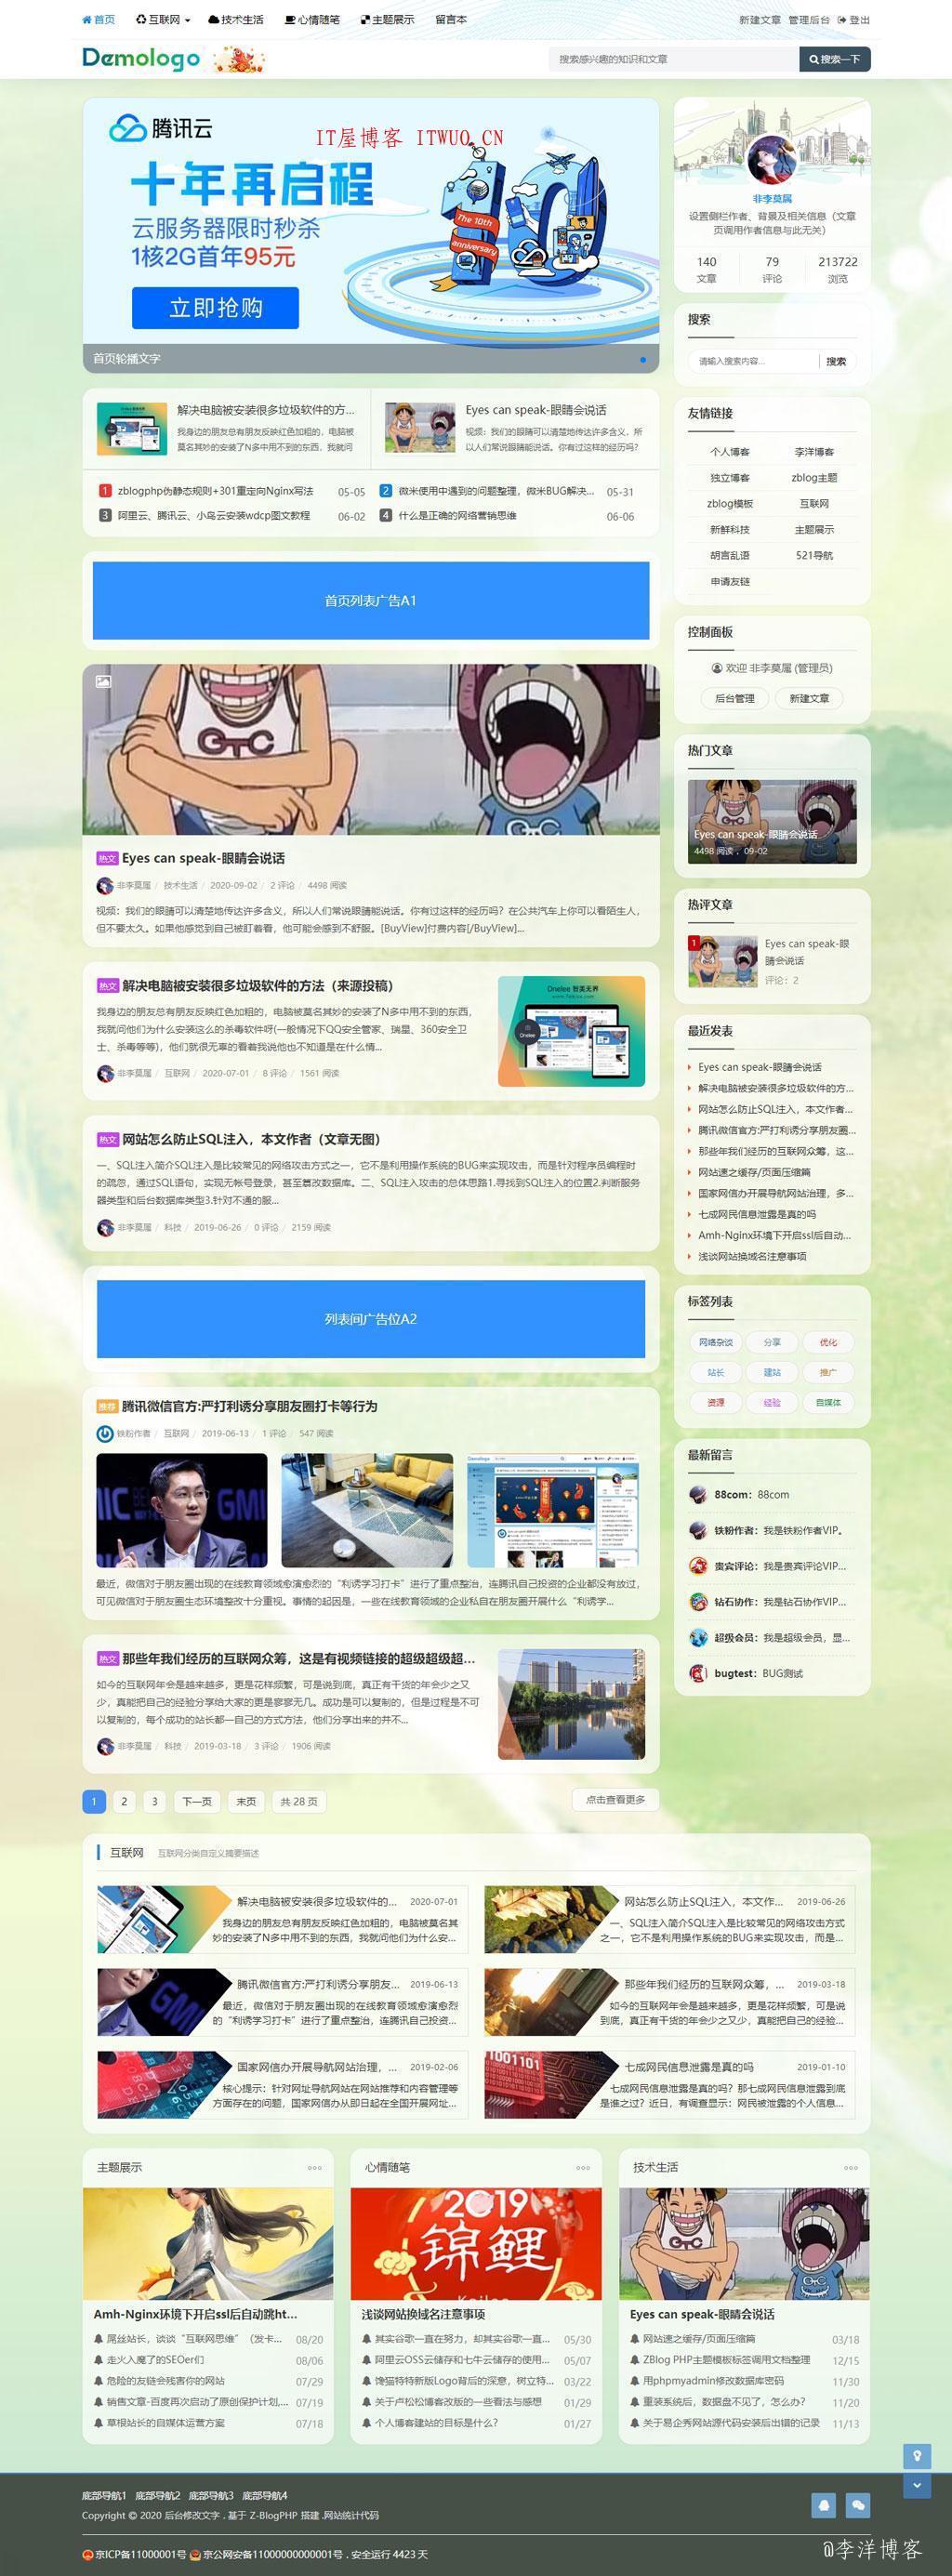 zblog明信片主题类型模板全新绽放,R角、透明、森系您想要的我都有,zblog明信片主题类型模板全新绽放,R角、透明、森系您想要的我都有 zblog明信片主题 第16张,zblog明信片主题,第16张